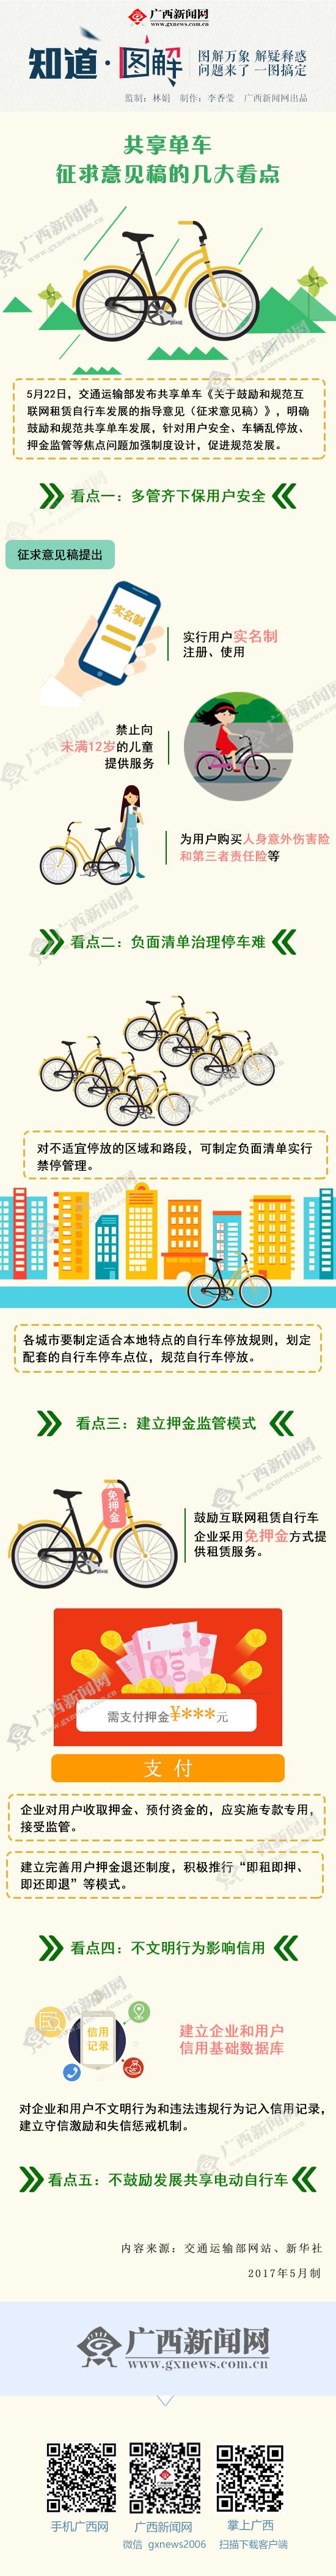 【知道・图解】共享单车征求意见稿的几大看点